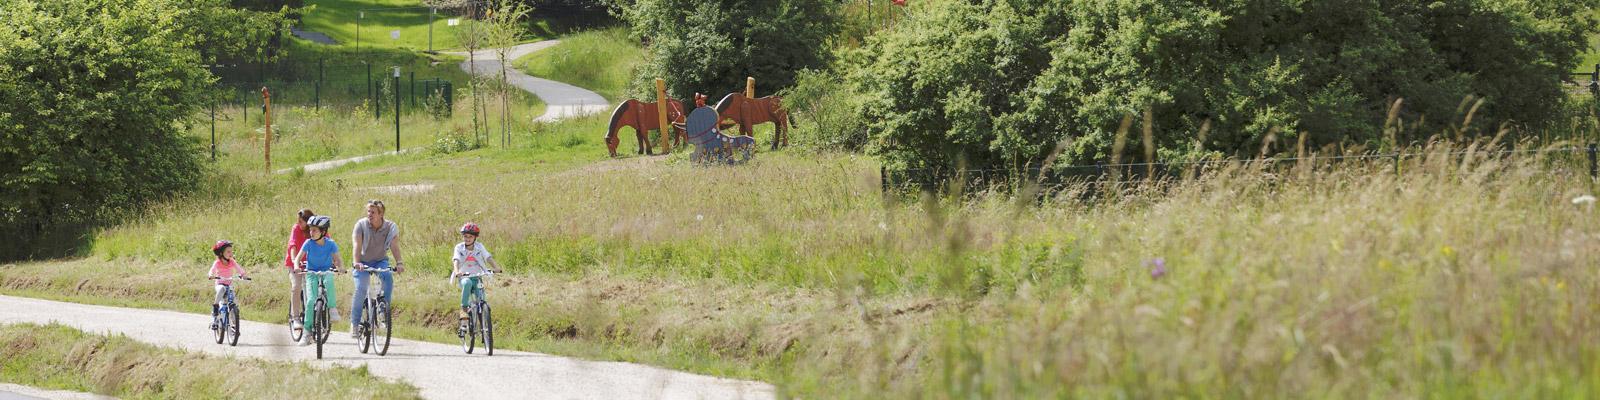 Un merveilleux séjour dans les plus belles régions d'Allemagne: Center Parcs en Moselle et à Eifel